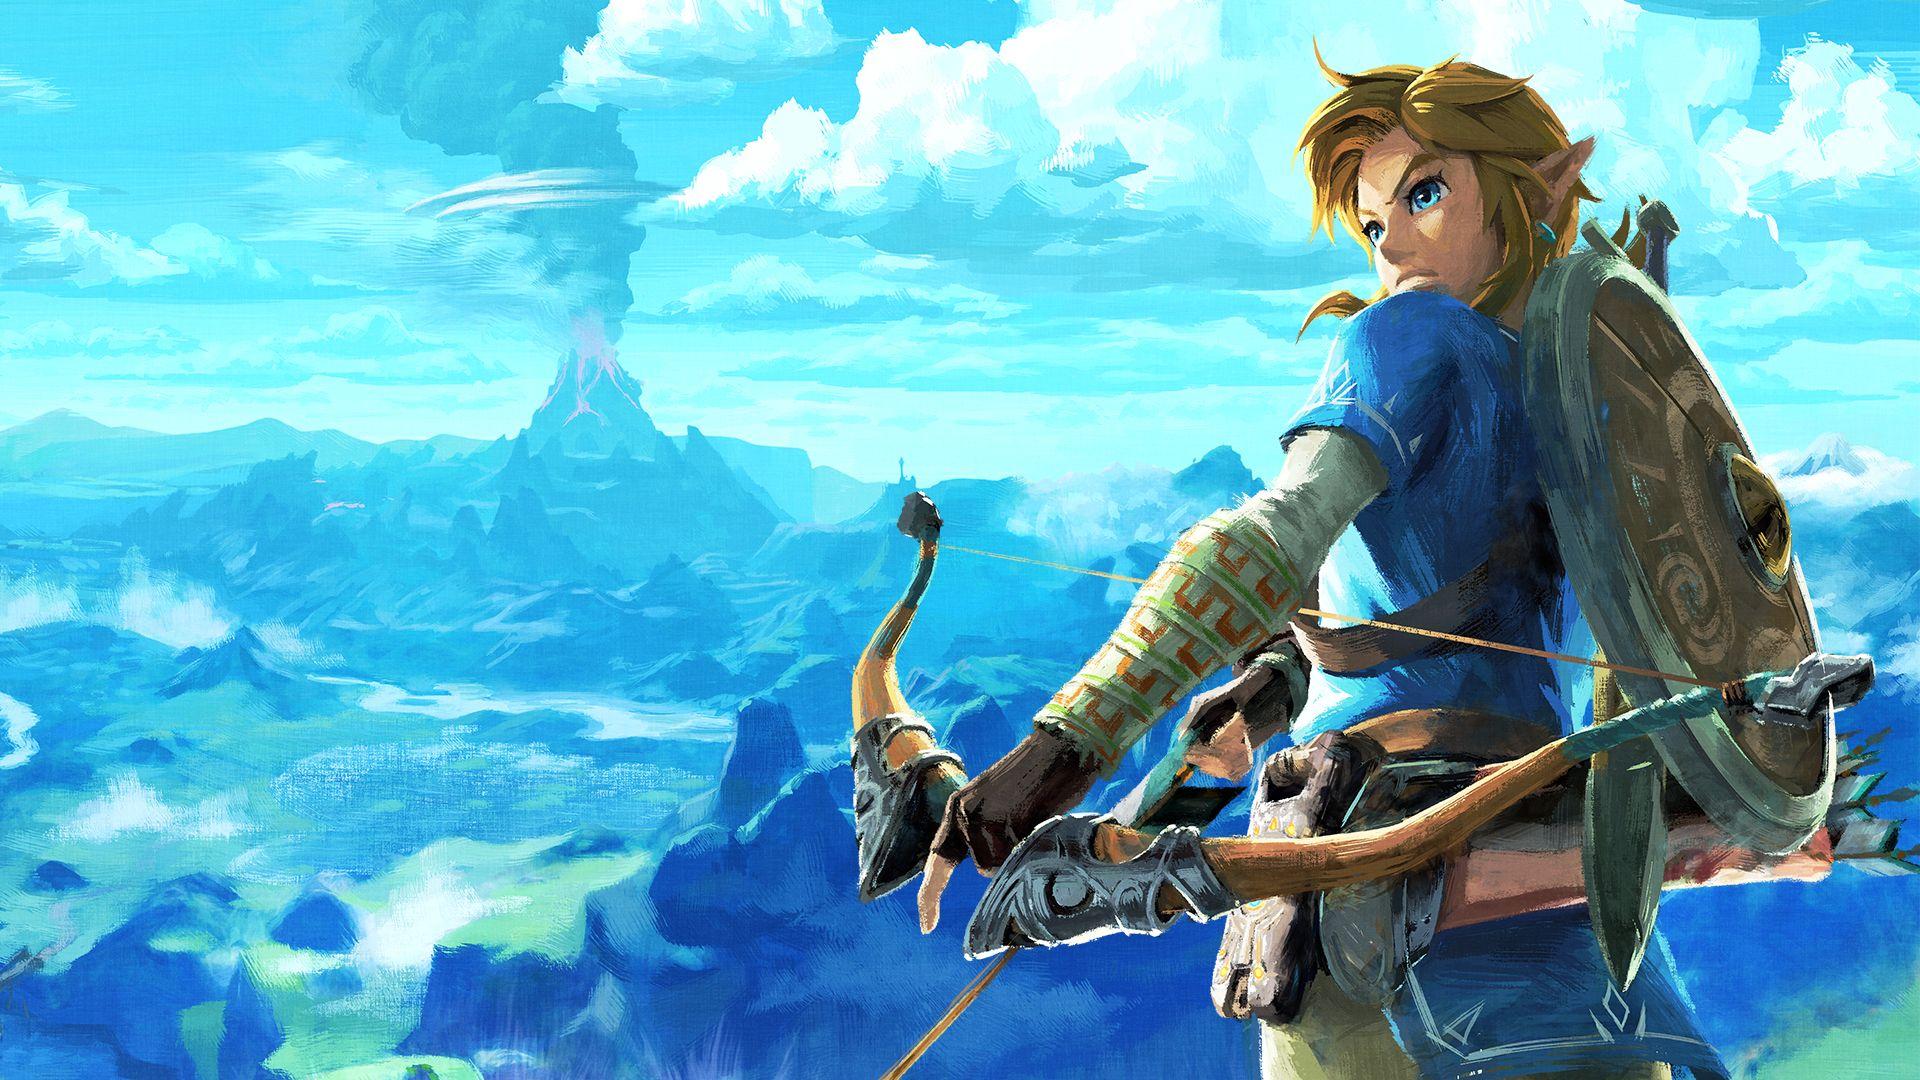 Zelda Botw Wallpaper 4k